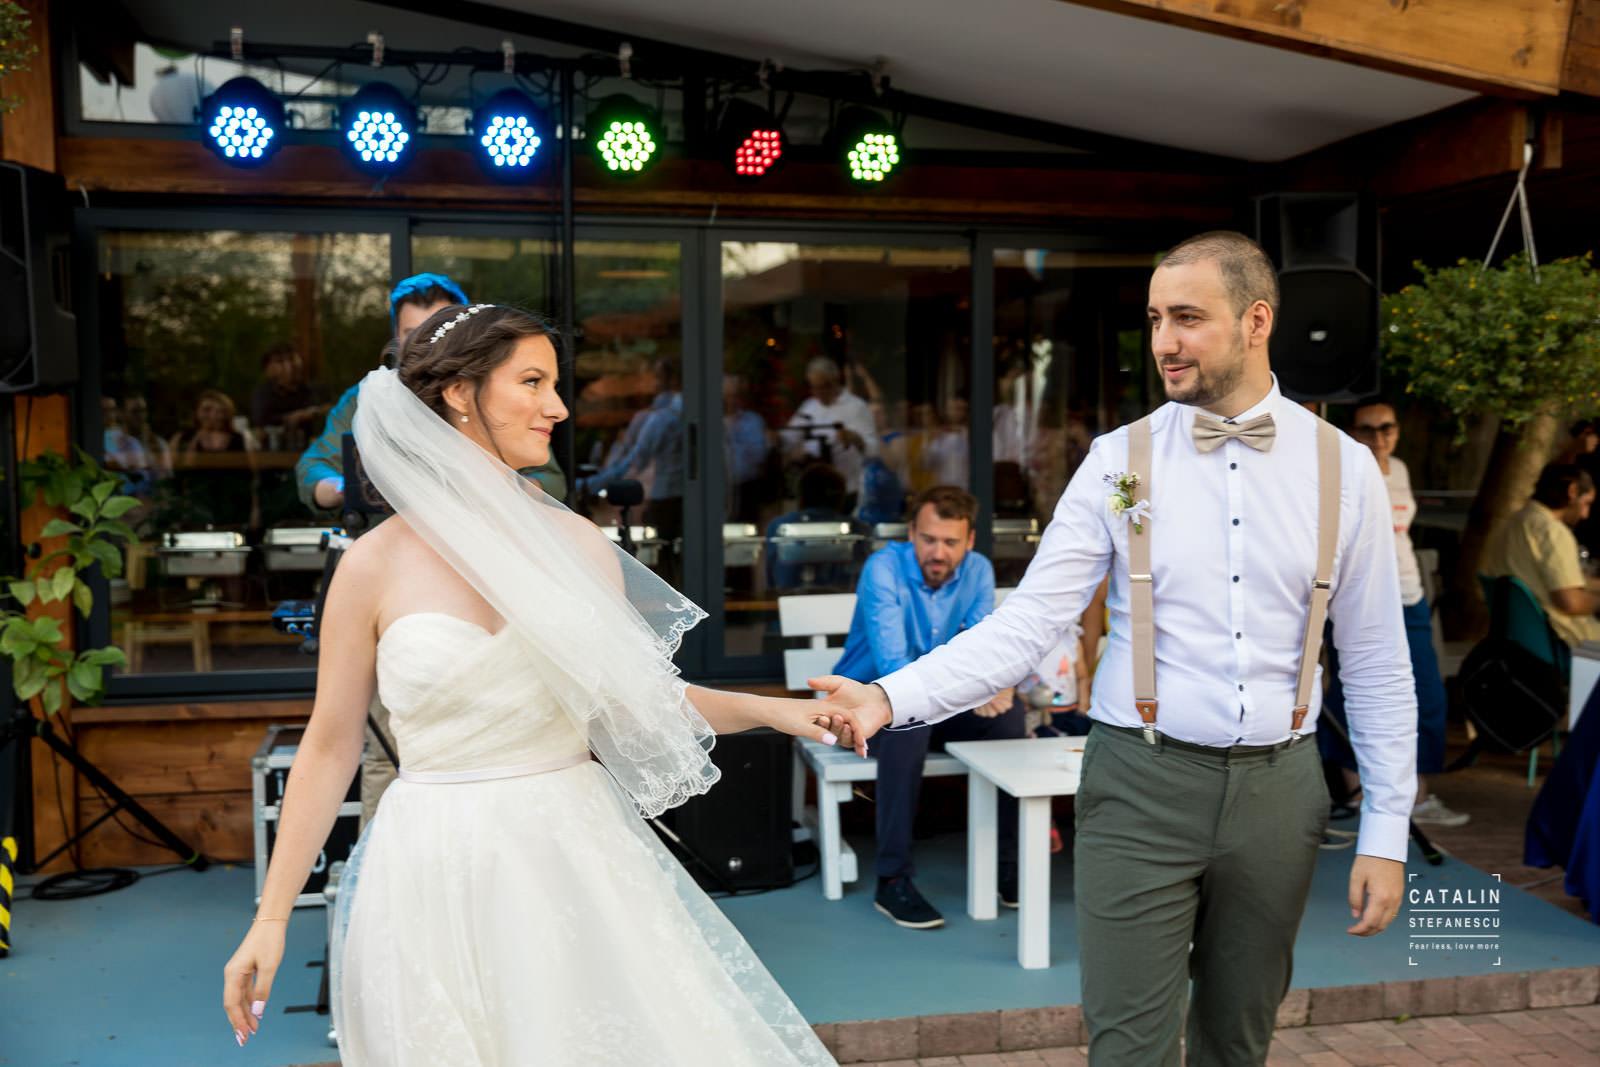 Nunta Gradina Cu Licurici - Fotograf Nunta Bucuresti - Catalin Stefanescu - Nunta Diana & Felix